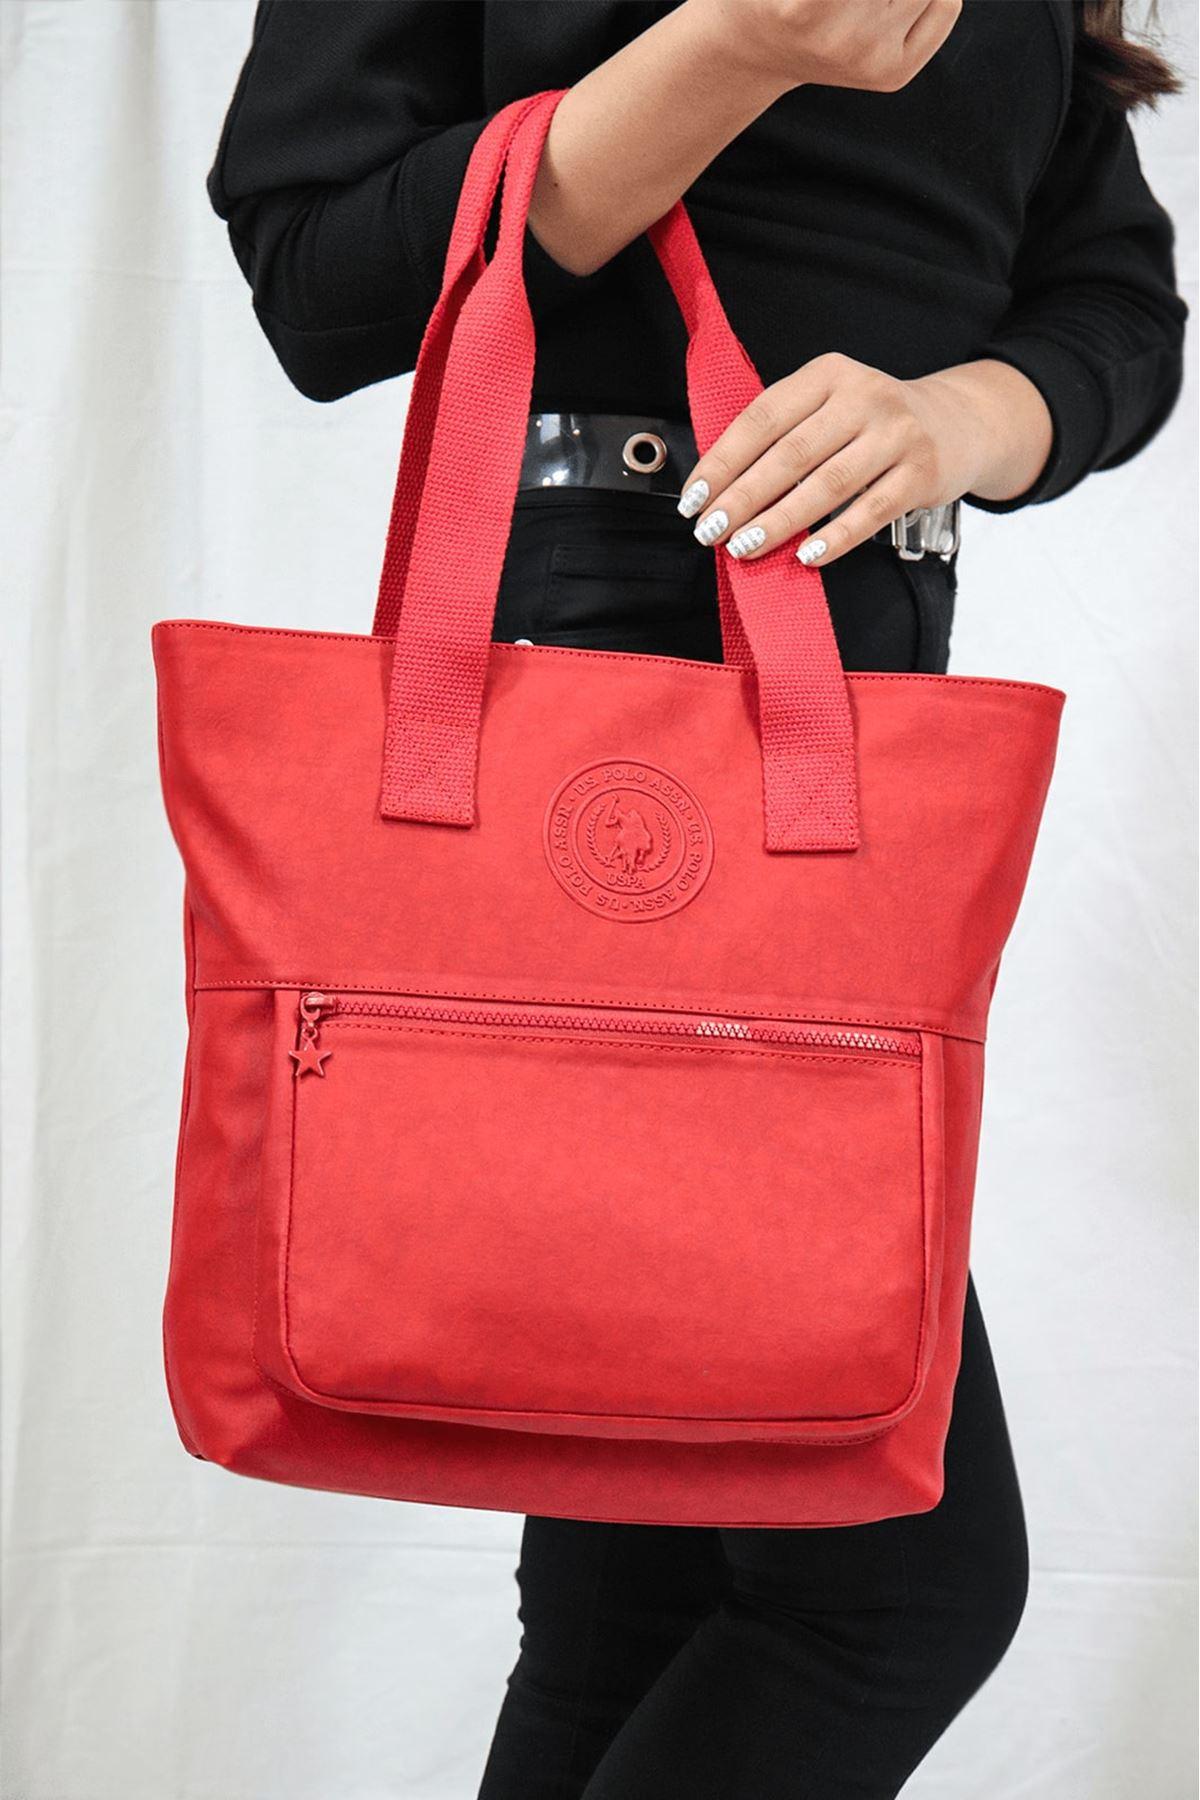 U.S Polo Assn - US21401 - Kırmızı Kadın Kol Çantası